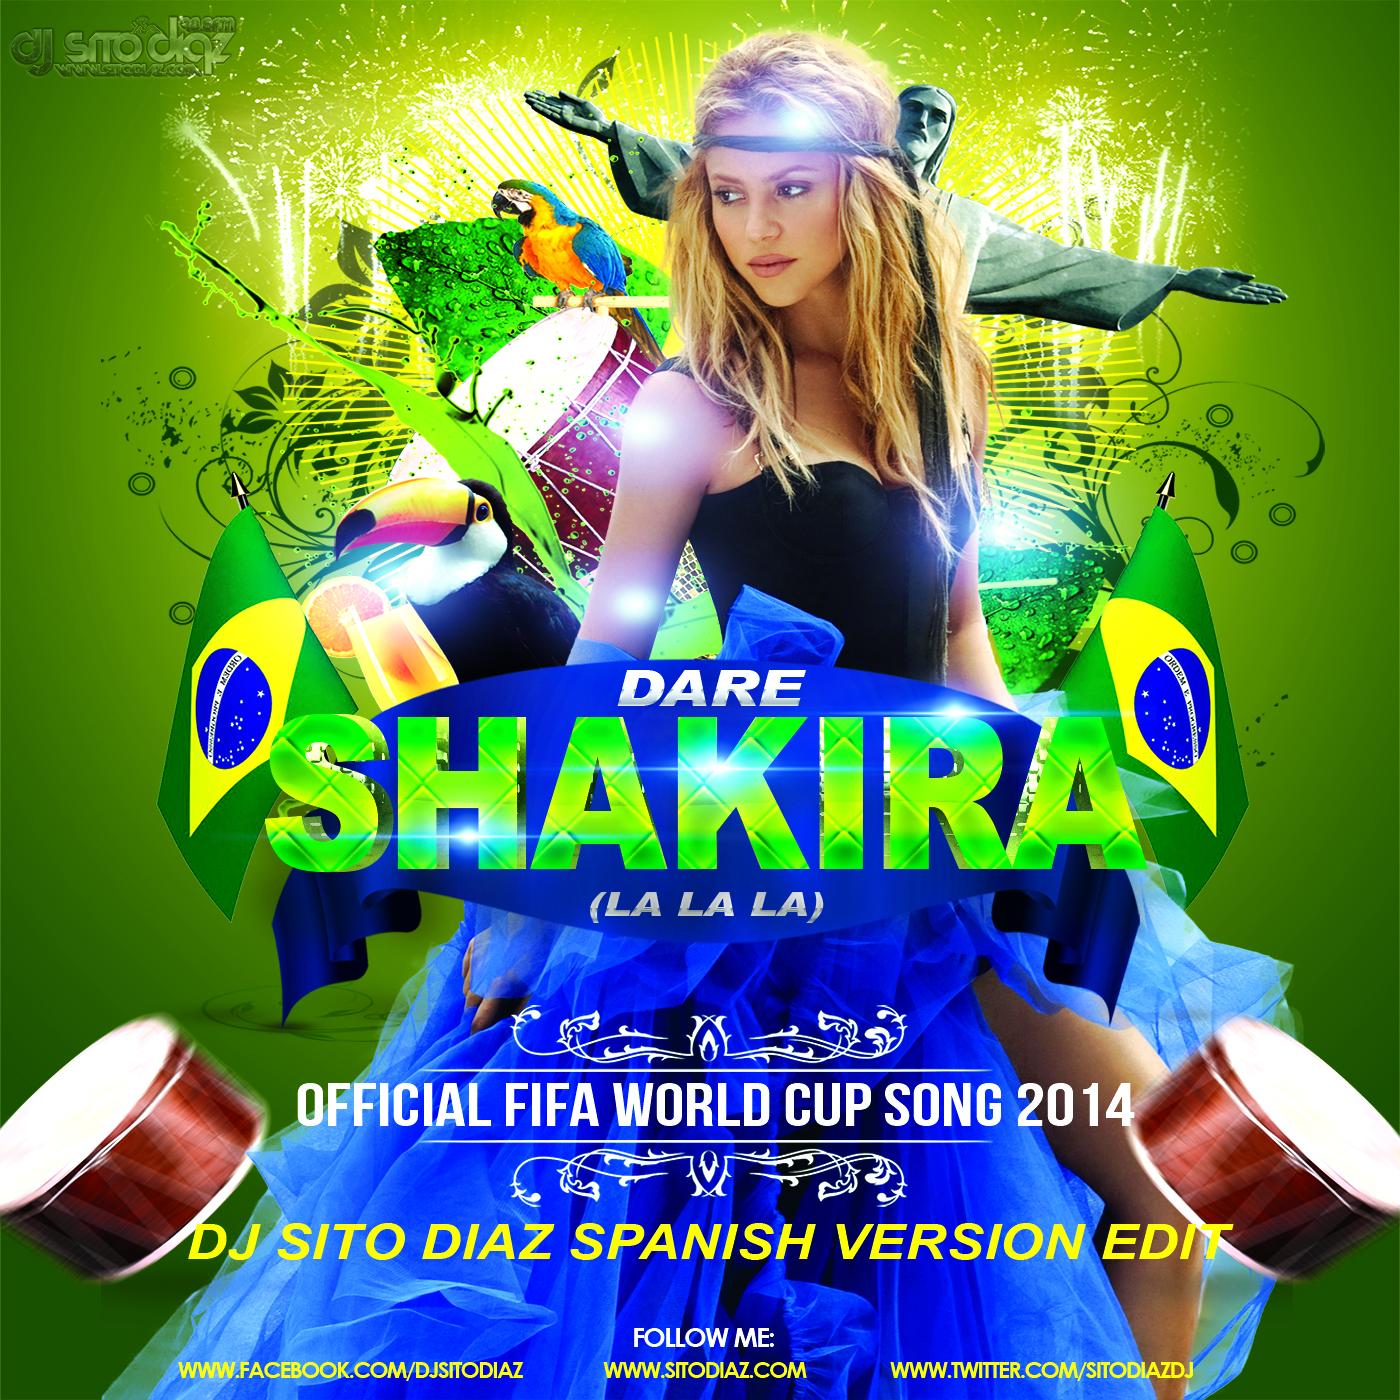 La_La_La_Shakira